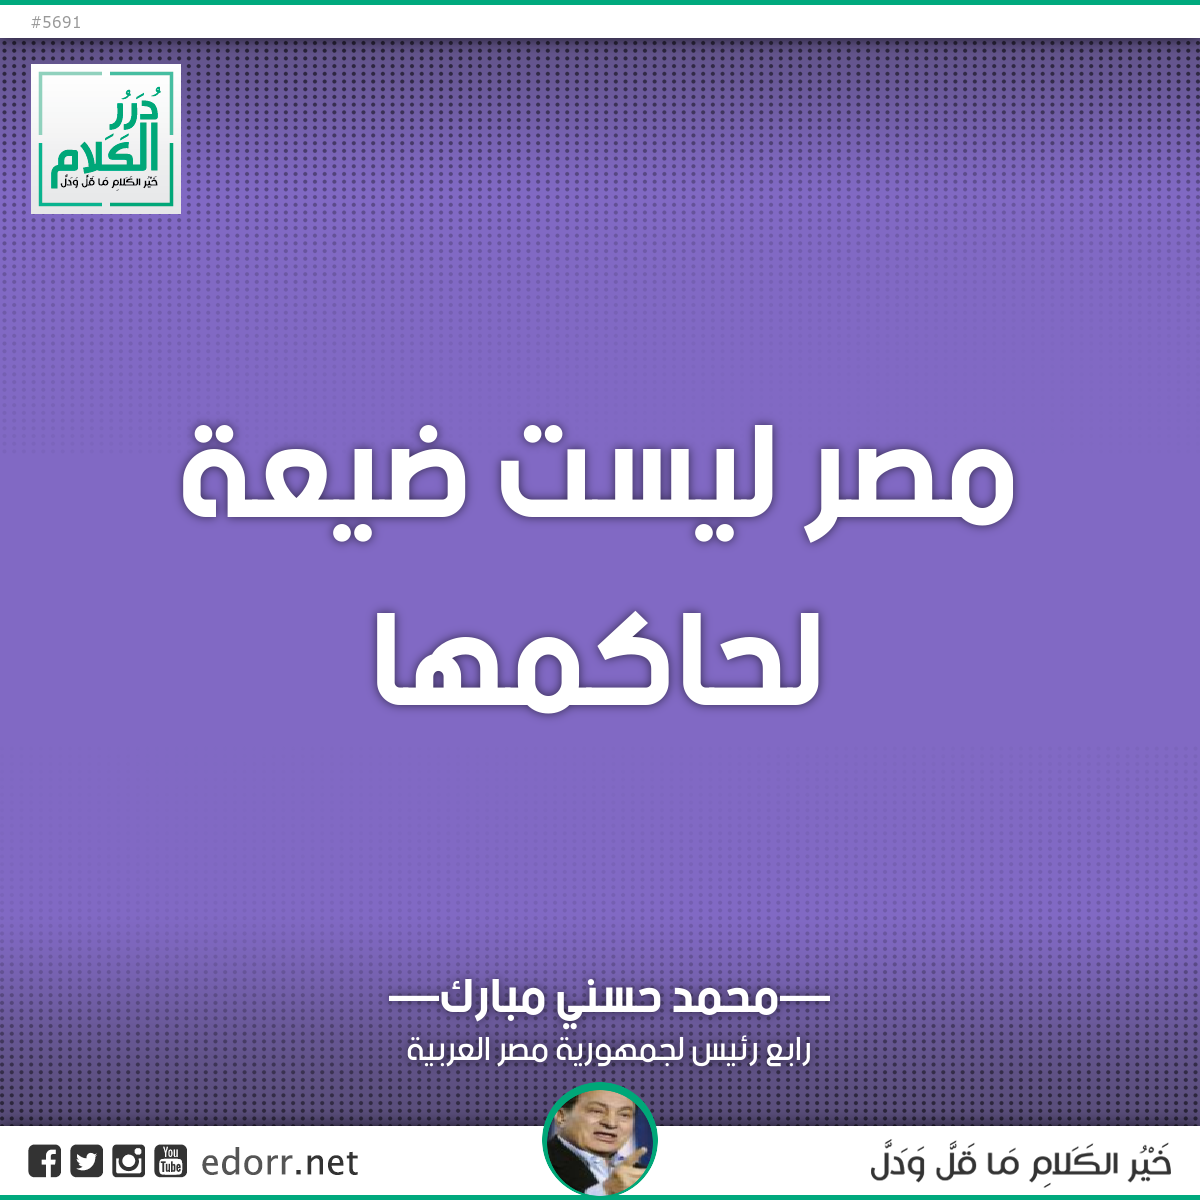 مصر ليست ضيعة لحاكمها.